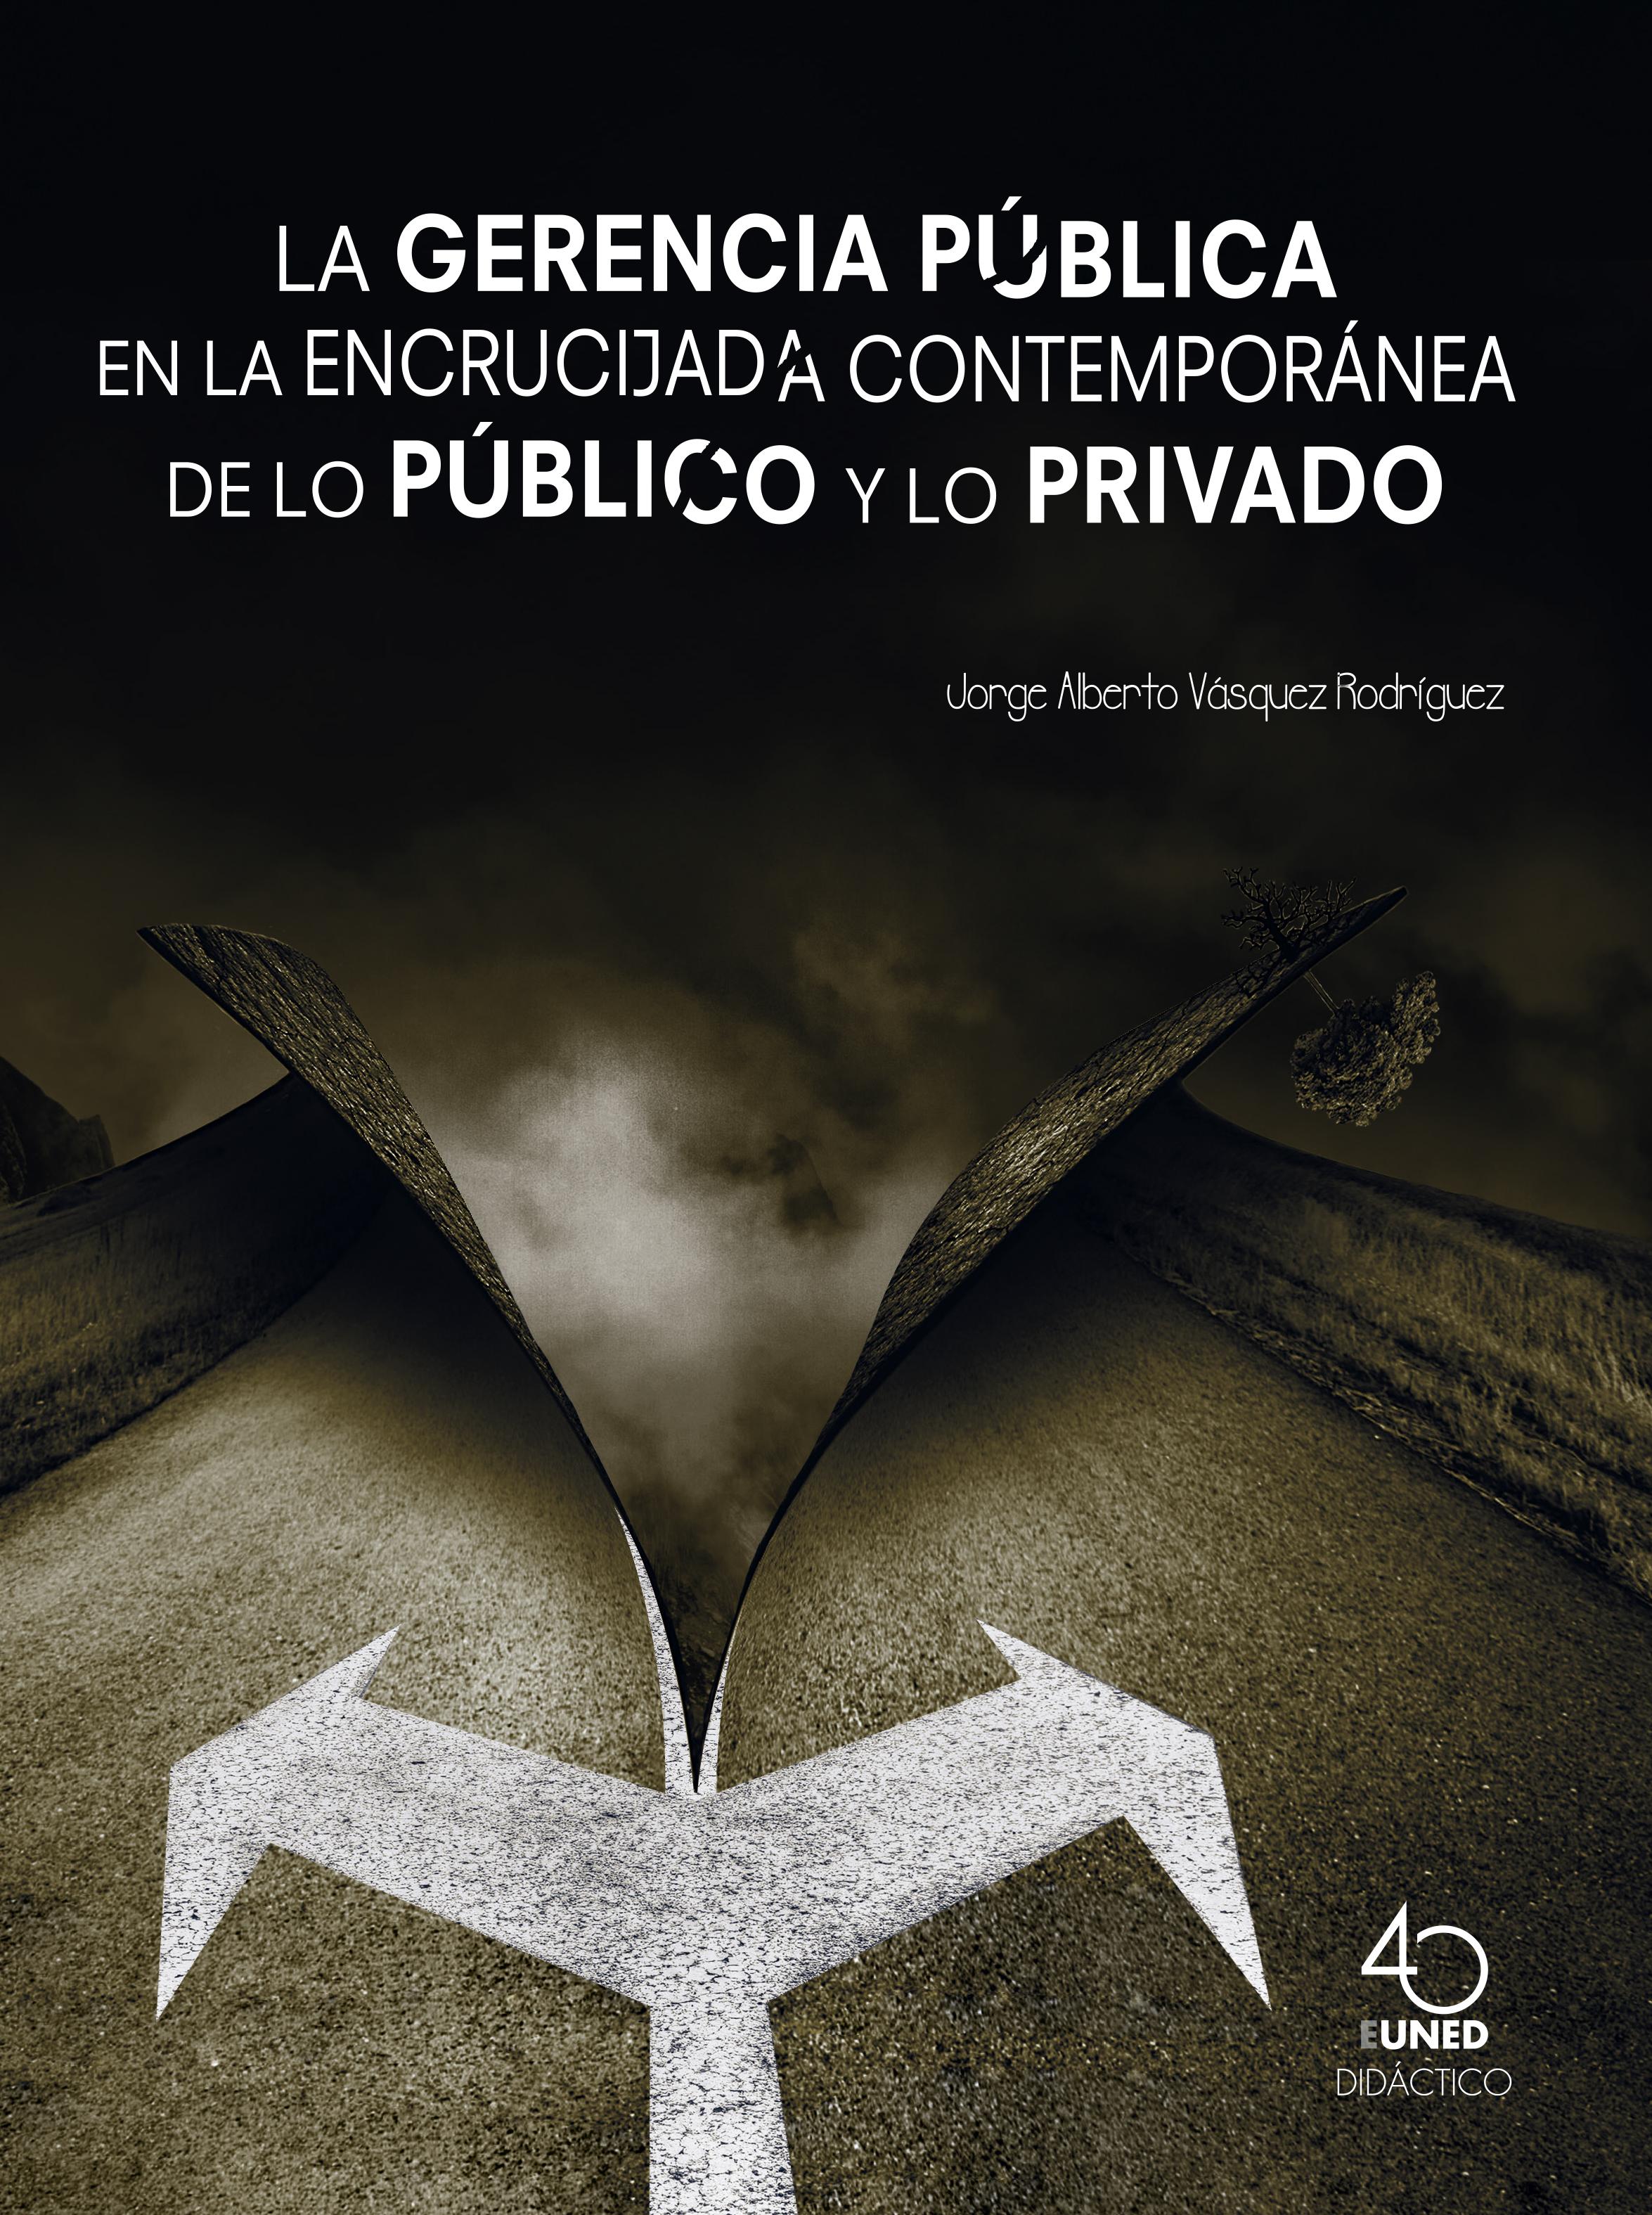 La gerencia pública en la encrucijada contemporánea de lo público y lo privado